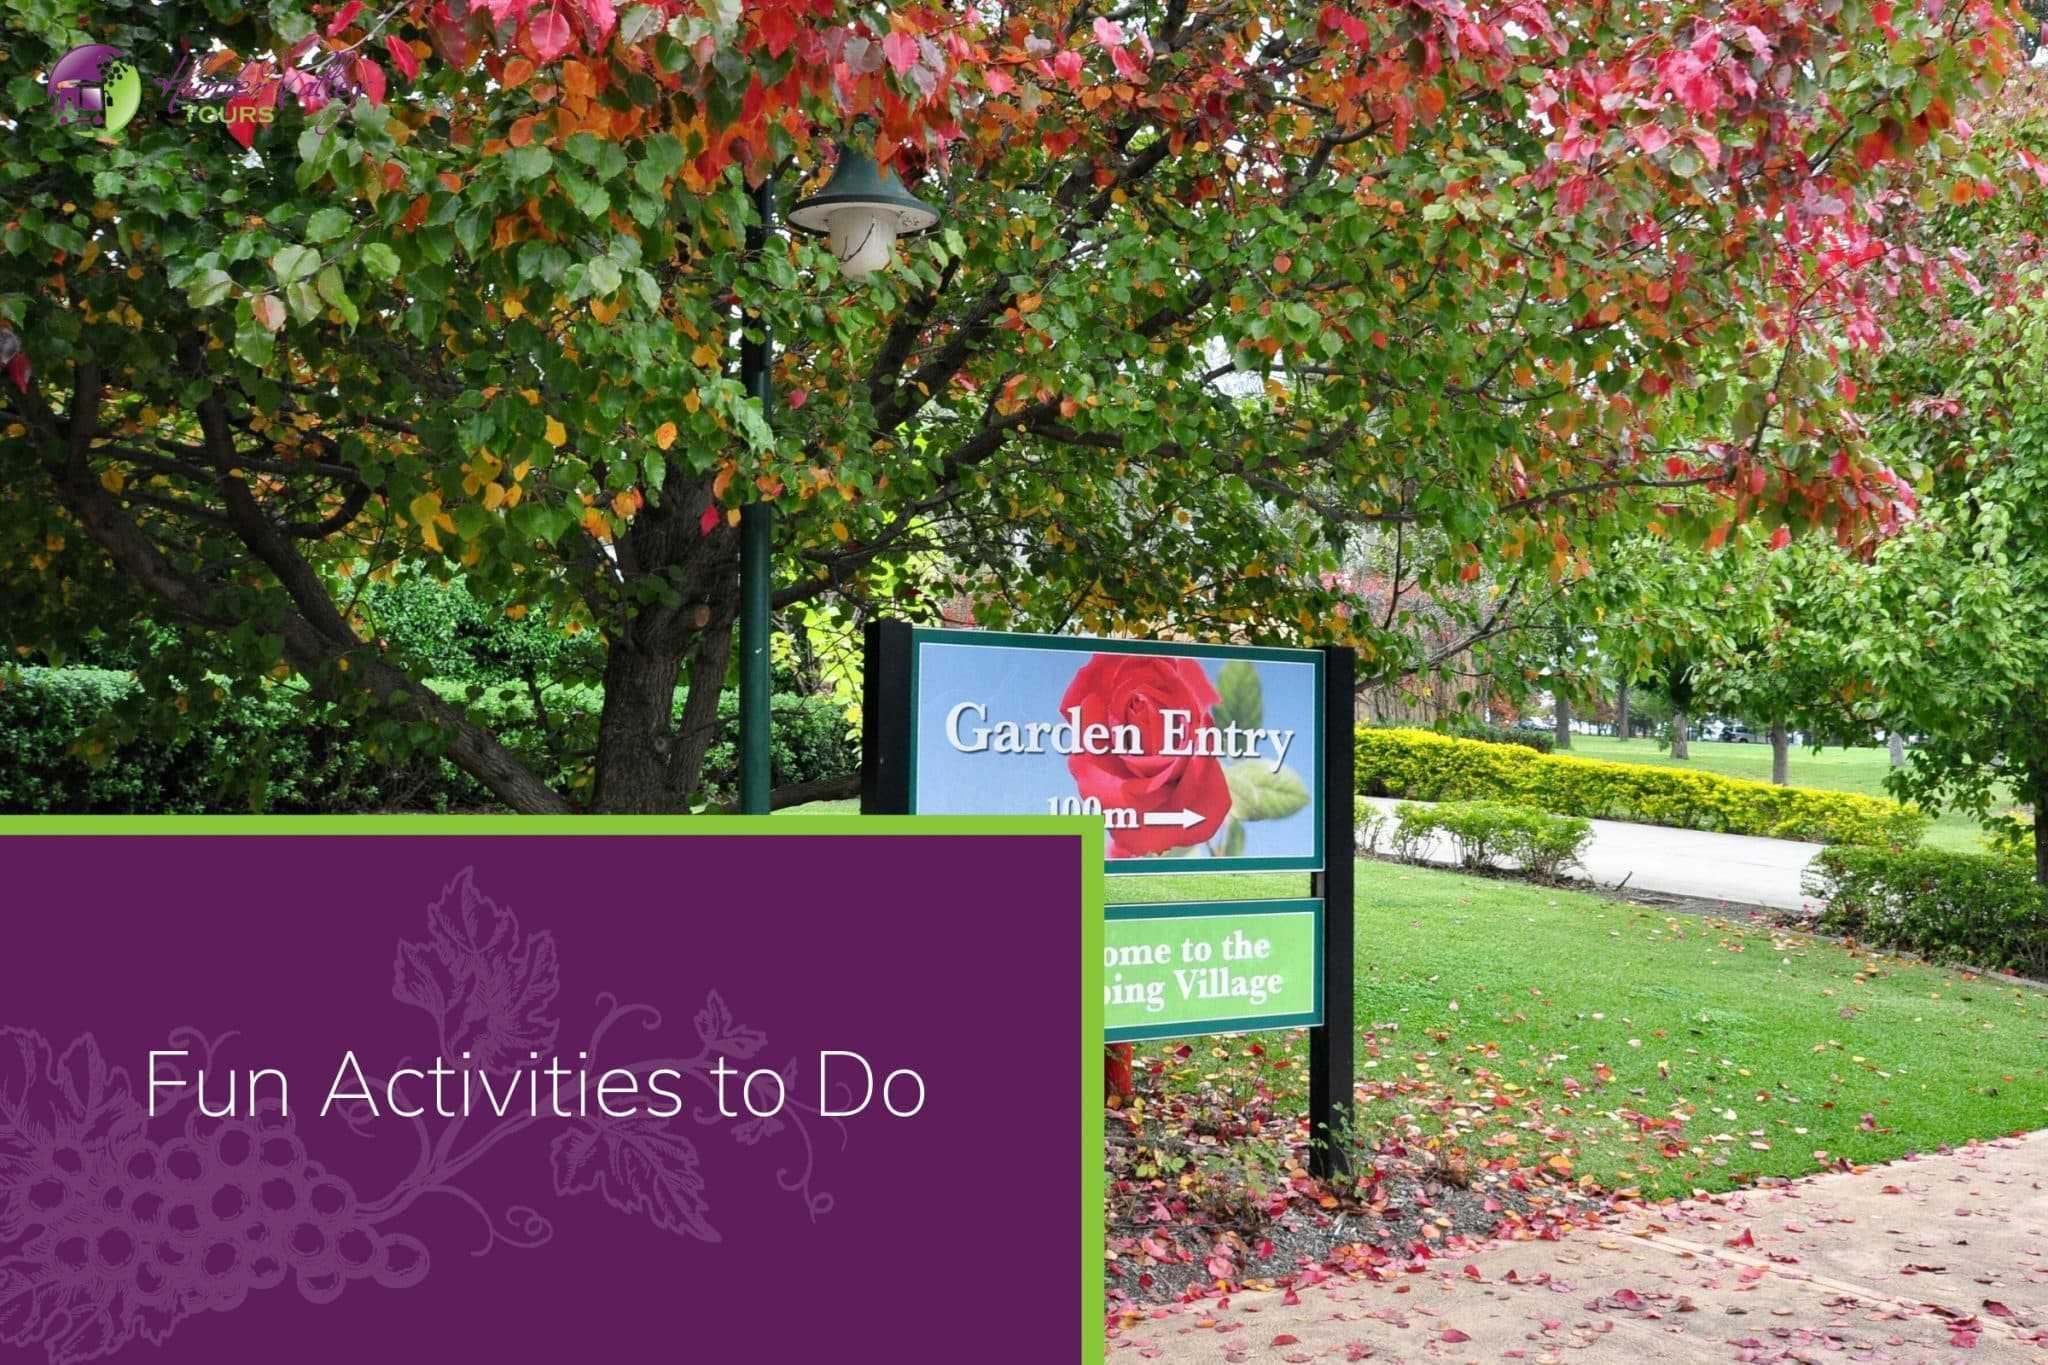 Fun Activities to Do